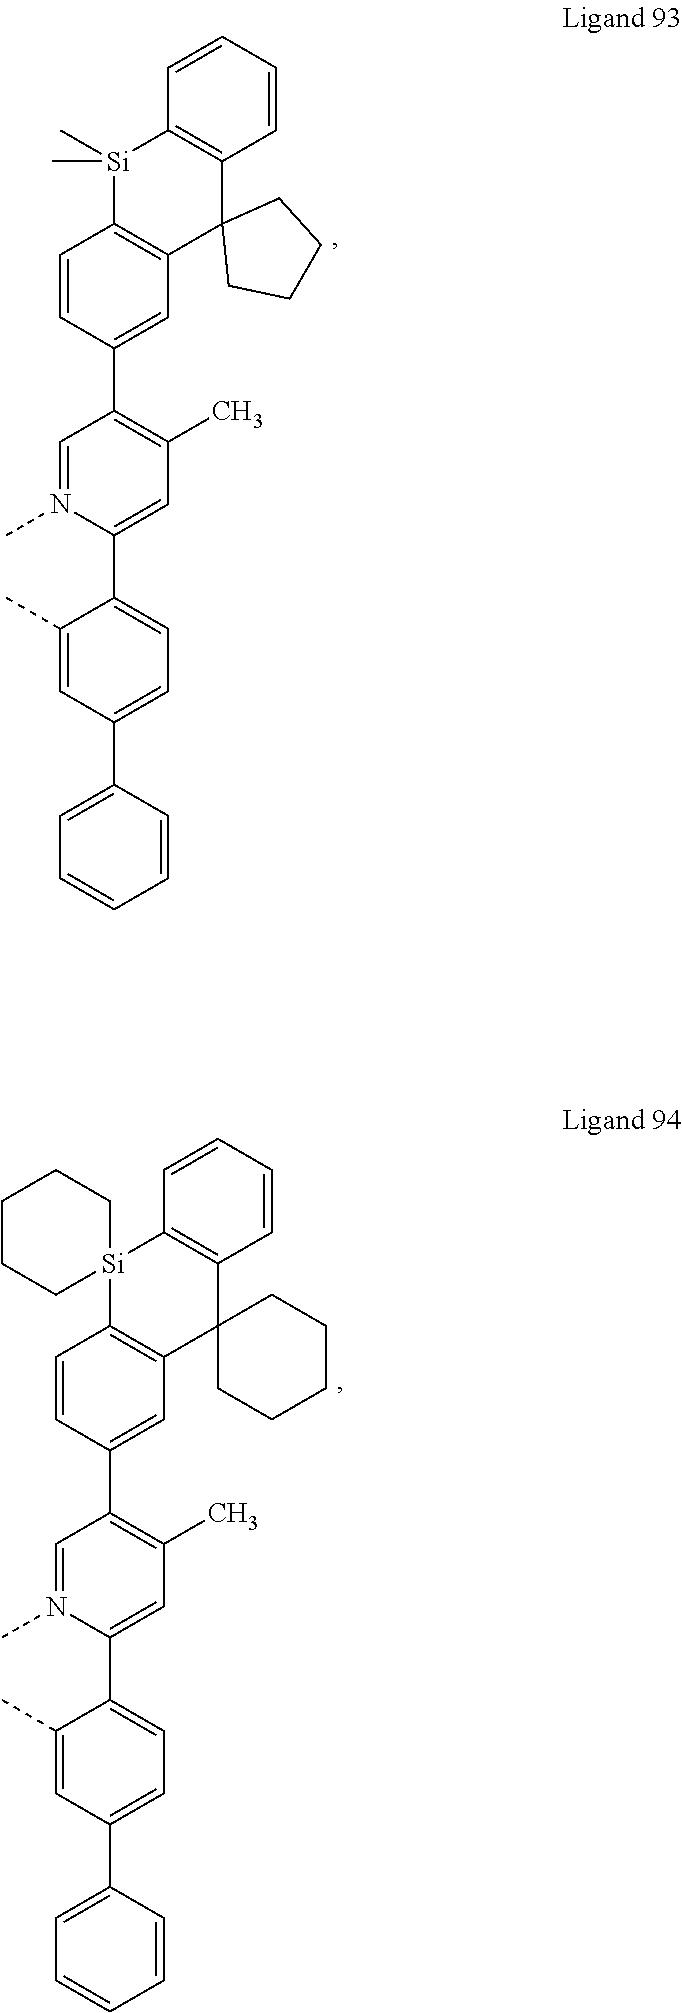 Figure US20180130962A1-20180510-C00055